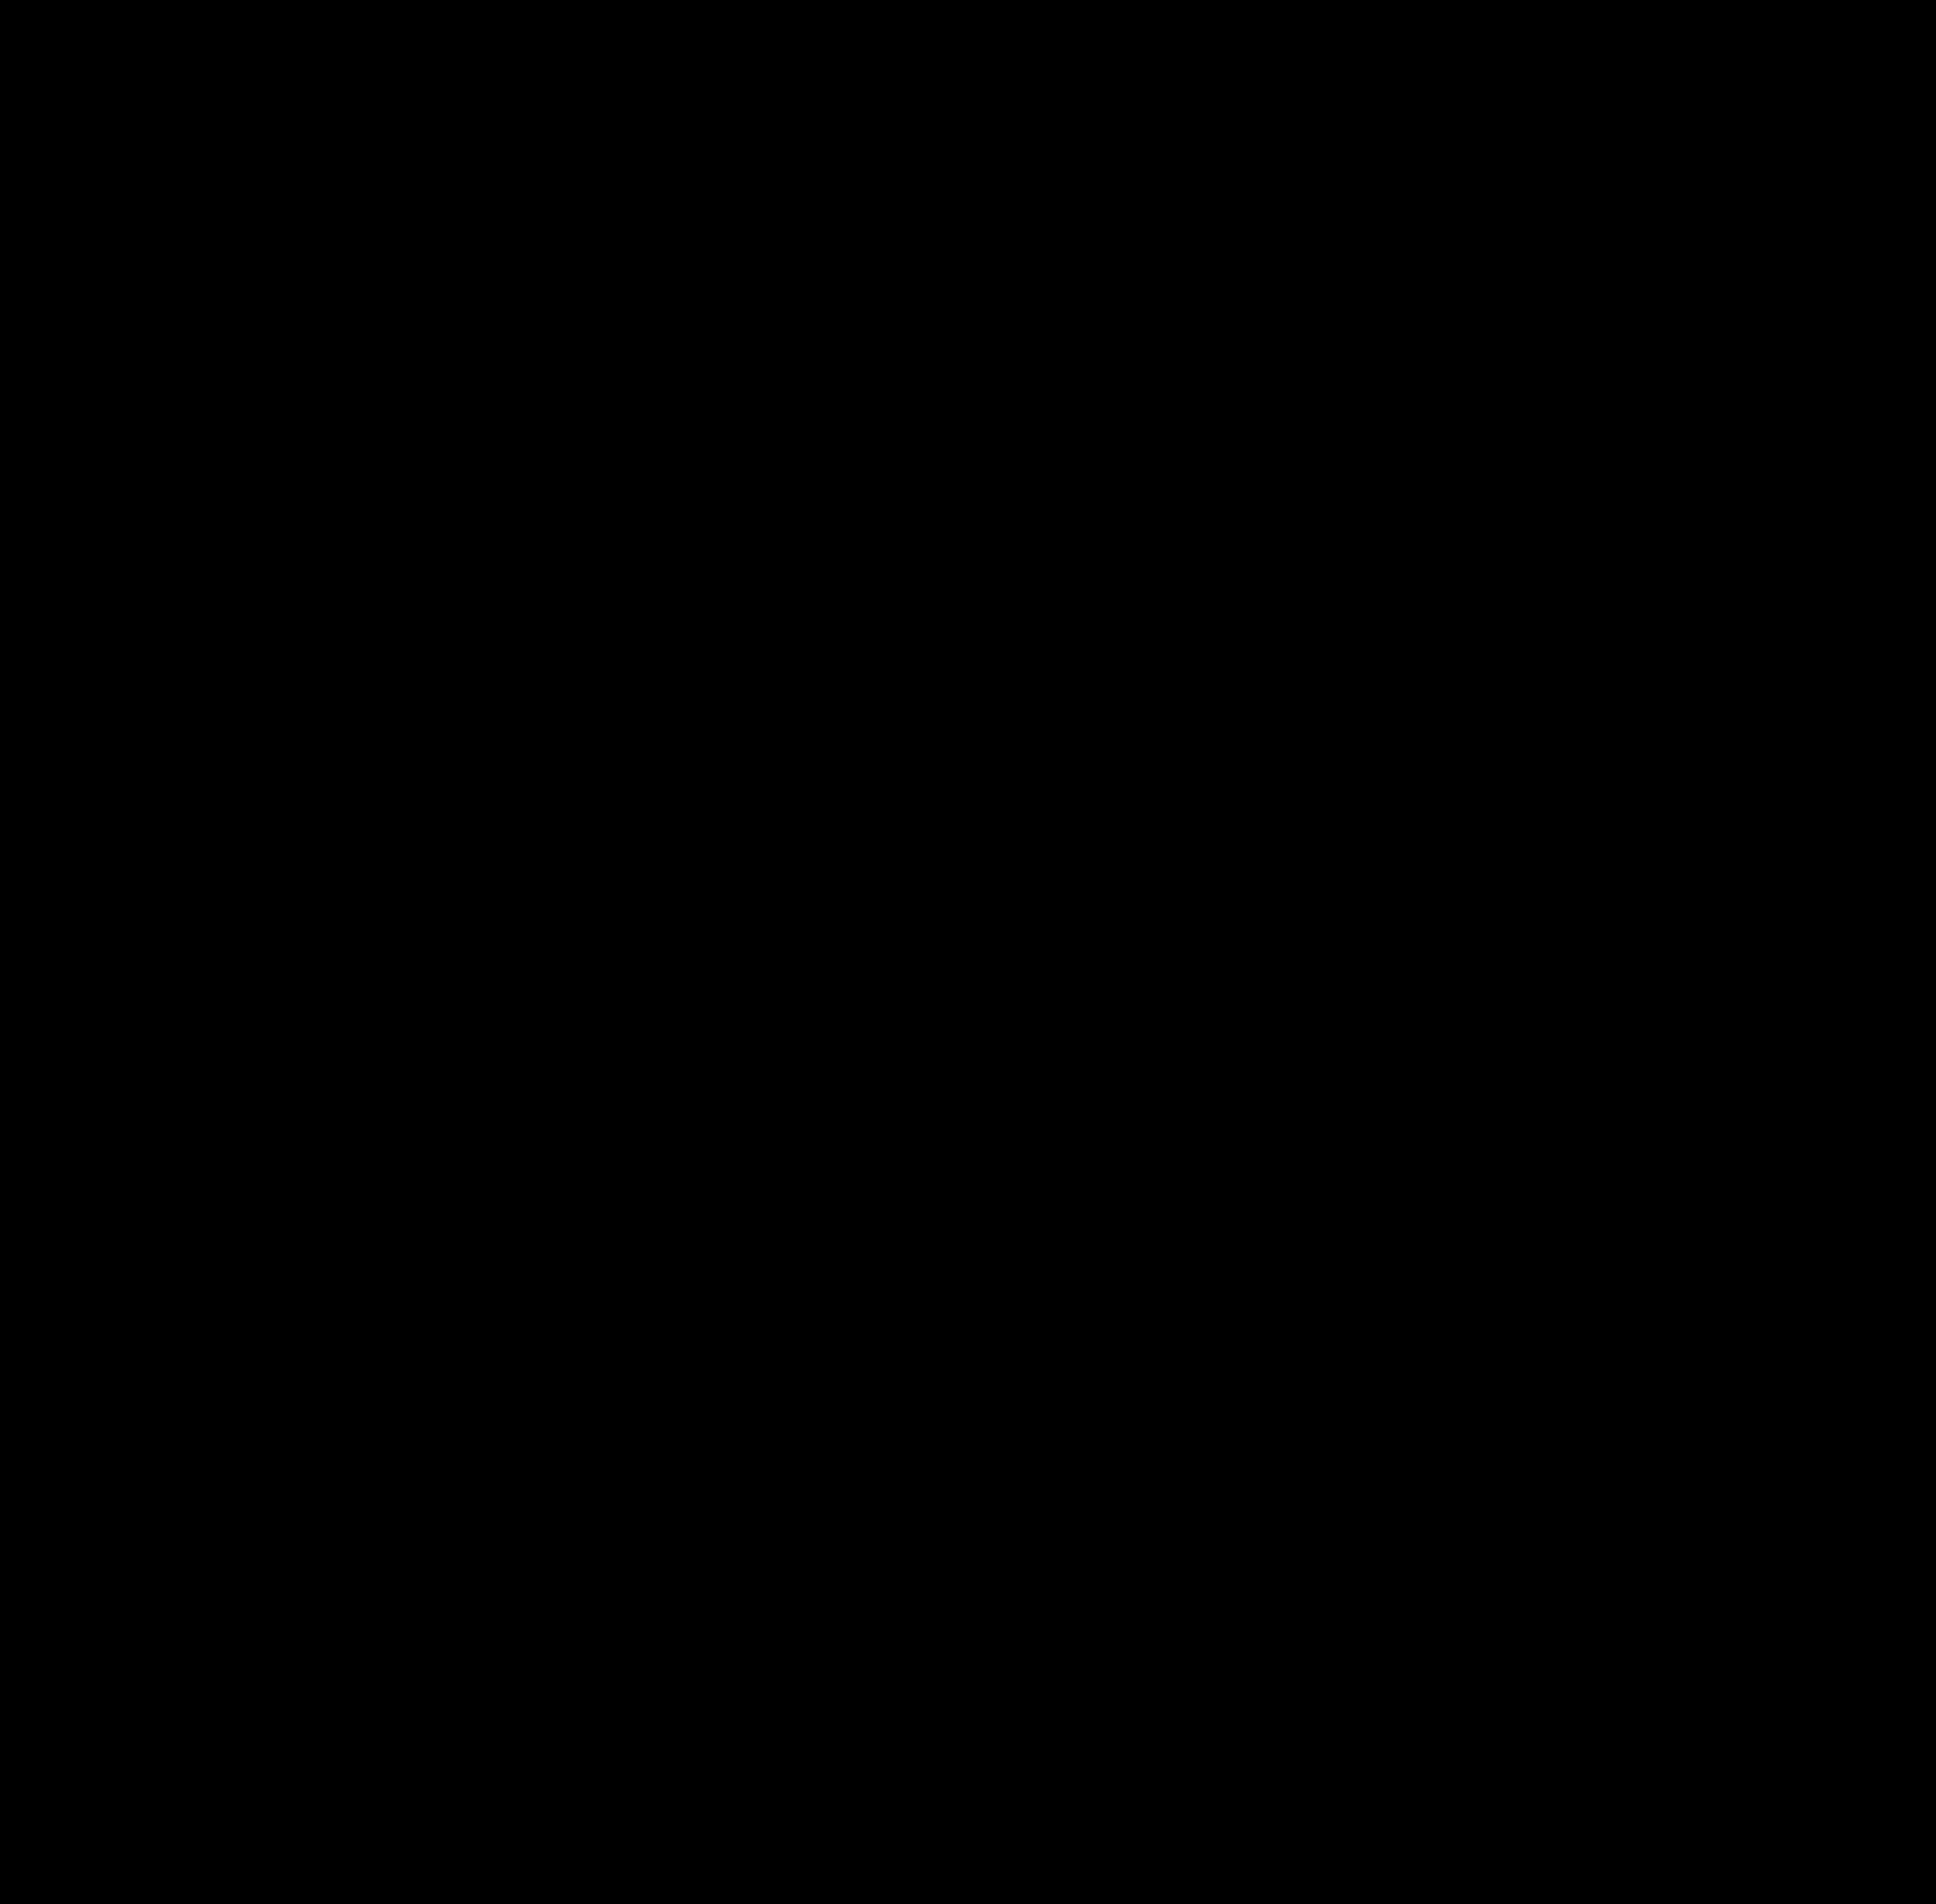 medium size crest